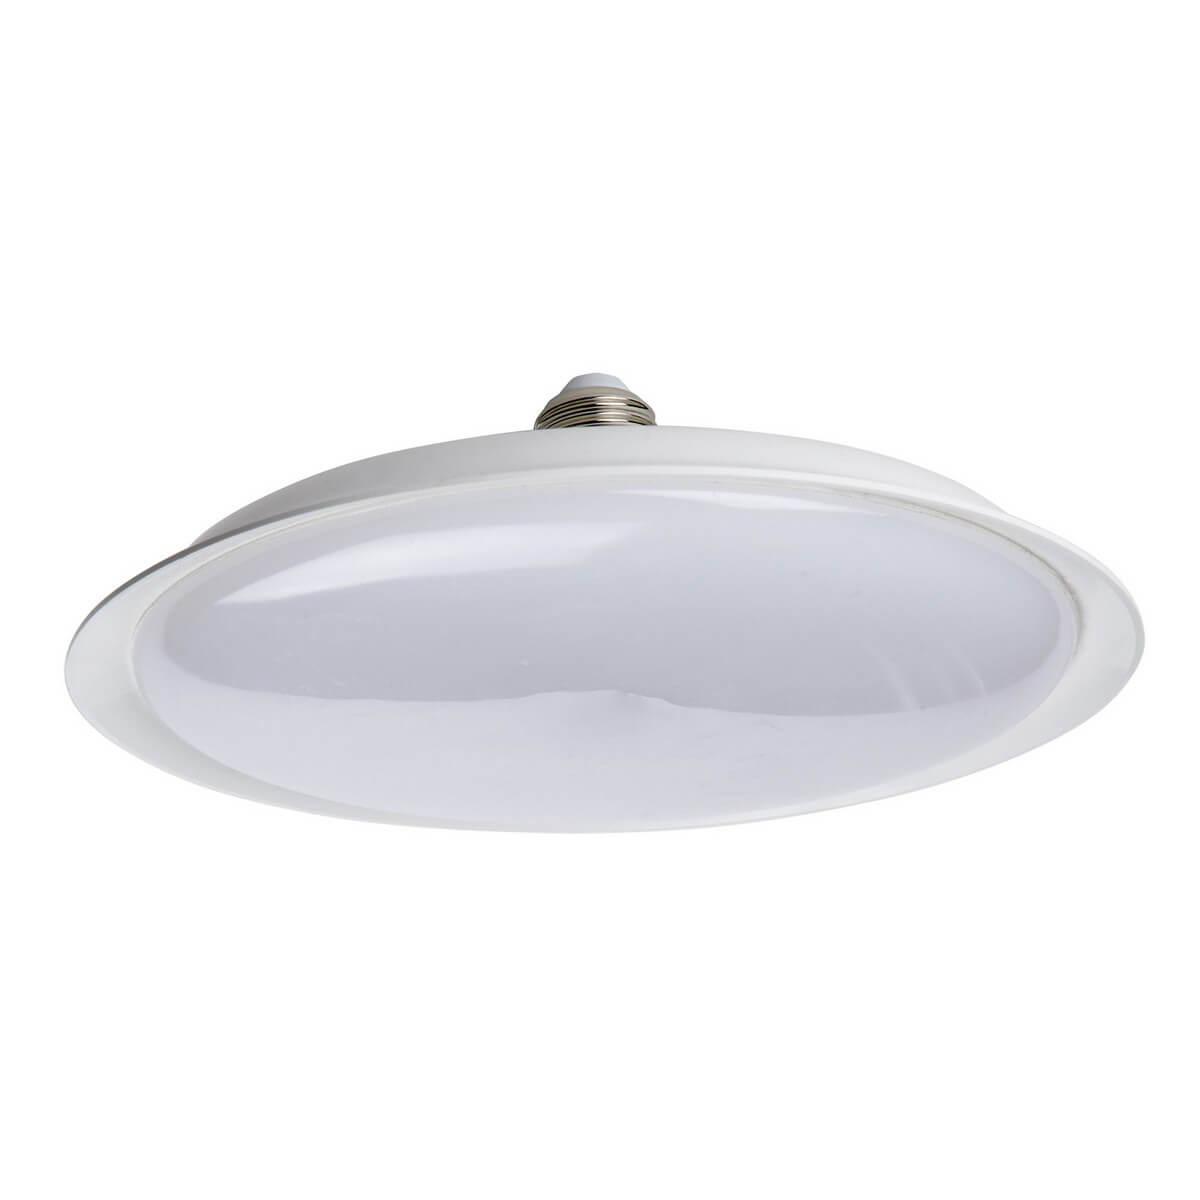 Фото - Лампочка Uniel LED-U220-40W/6500K/E27/FR PLU01WH UFO светодиодная лампа светильник uniel led u270 60w 3000k e27 fr plu01wh